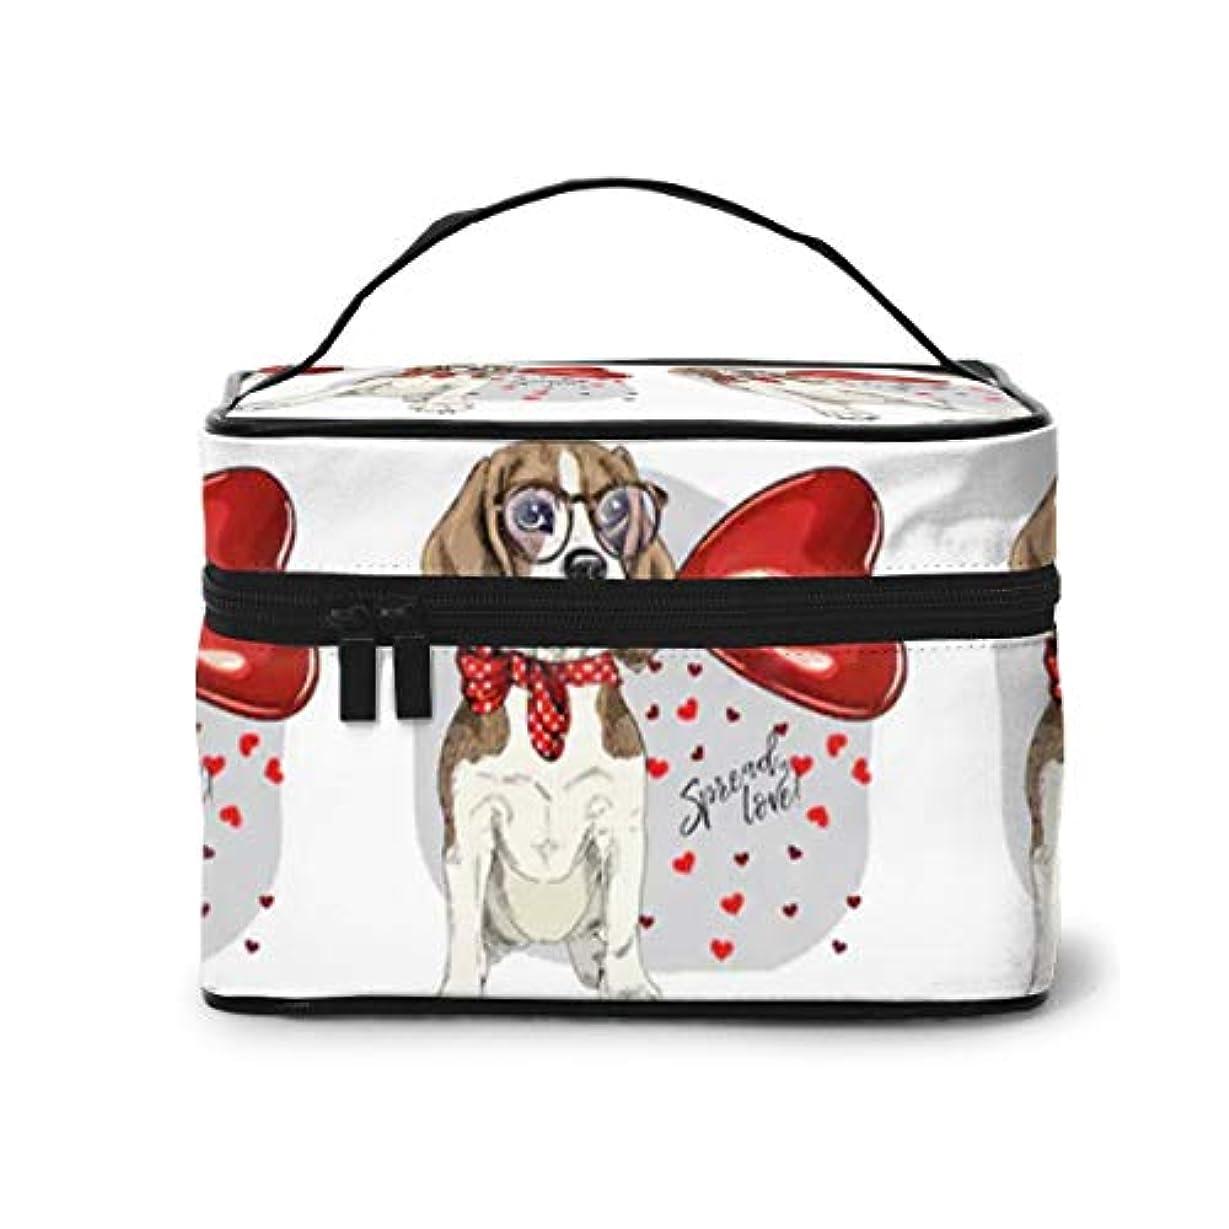 スキームストライク美容師Sharing Life ビーグル 犬 ラブ メイクボックス 化粧ポーチ メイクブラシバッグ トラベルポーチ 化粧品収納ケース 機能的 大容量 かわいい 小物整理 収納